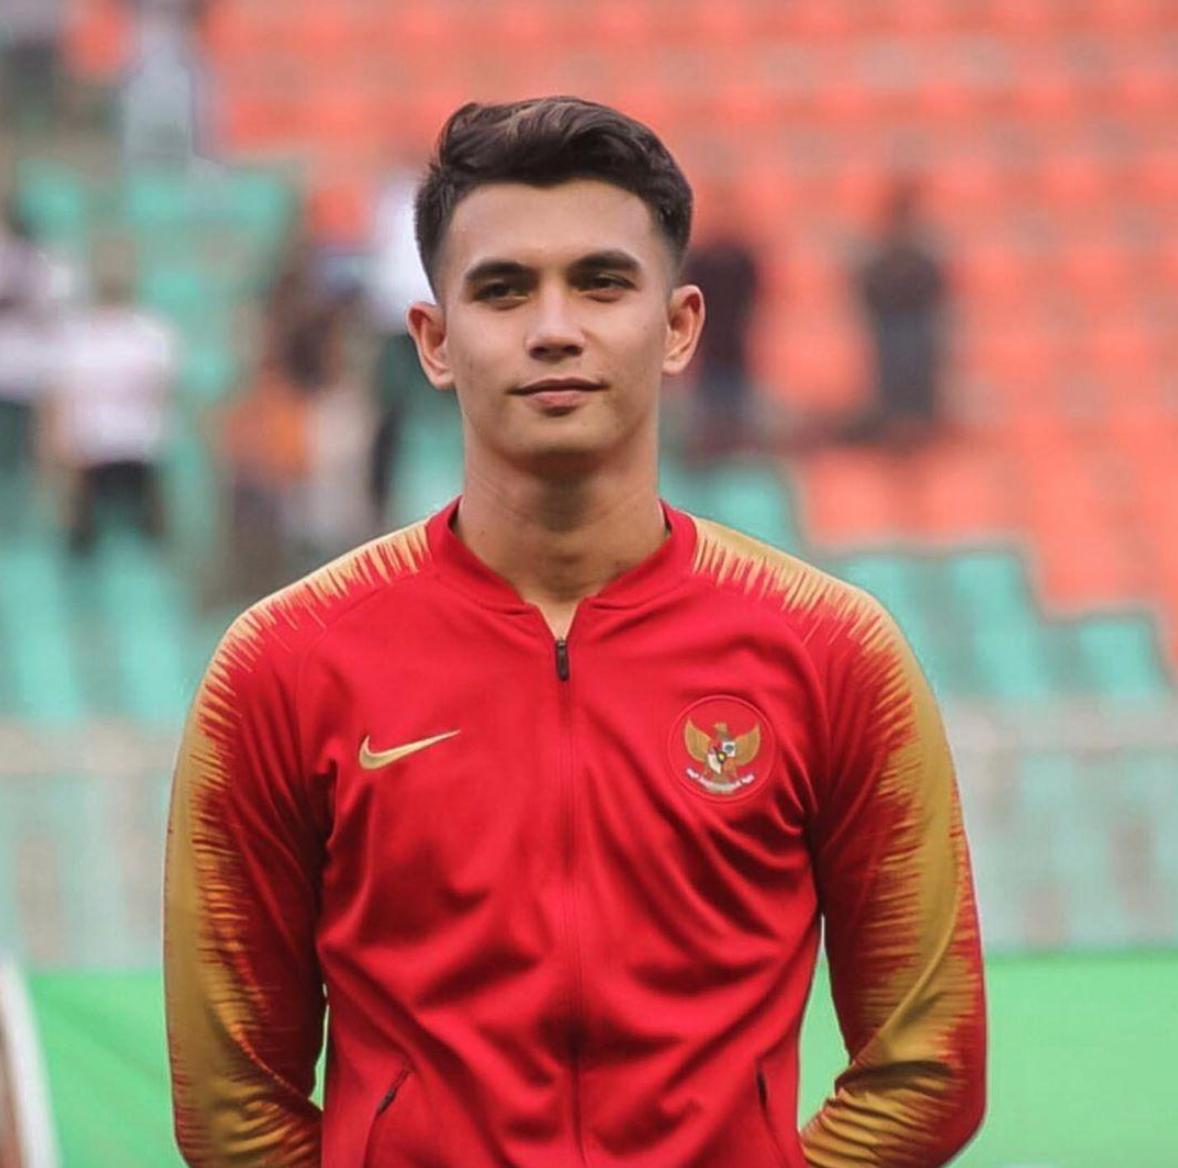 Nadeo Winata, thủ môn đội bóng đá nam Indonesia. Ảnh: IG nadeowinataa